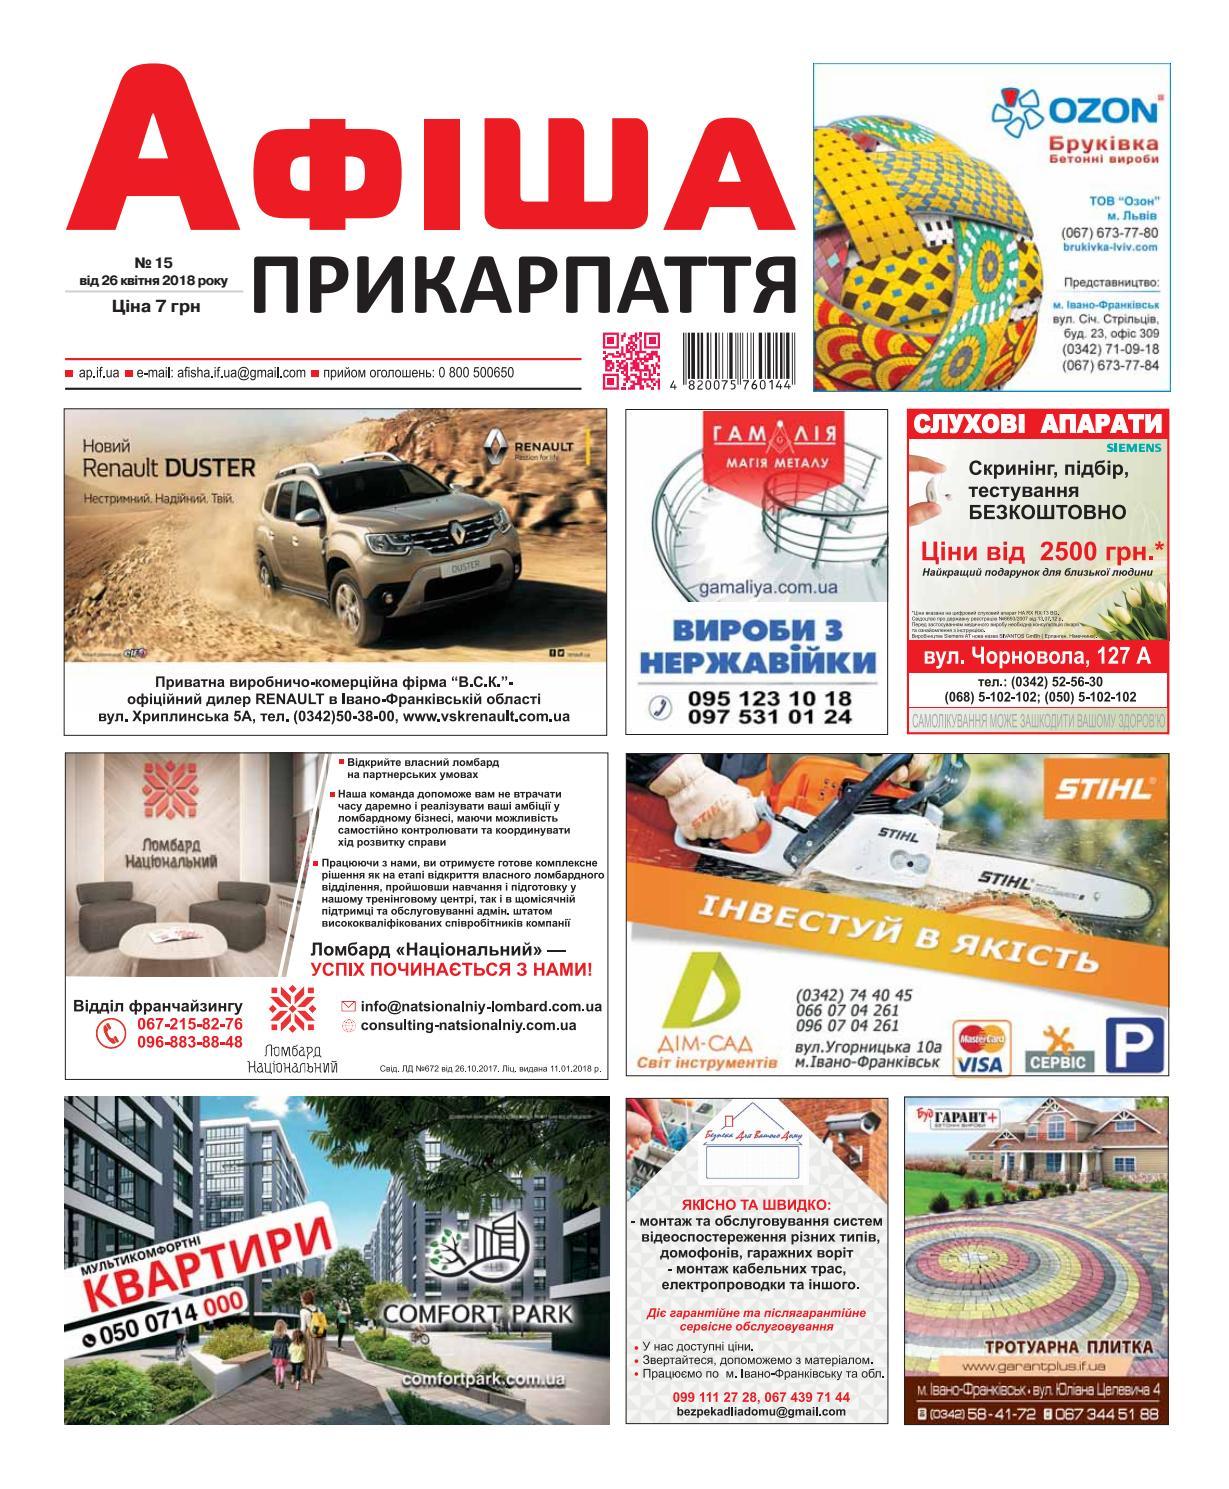 Афіша Прикарпаття 15 by Olya Olya - issuu b8fc73c44a0eb